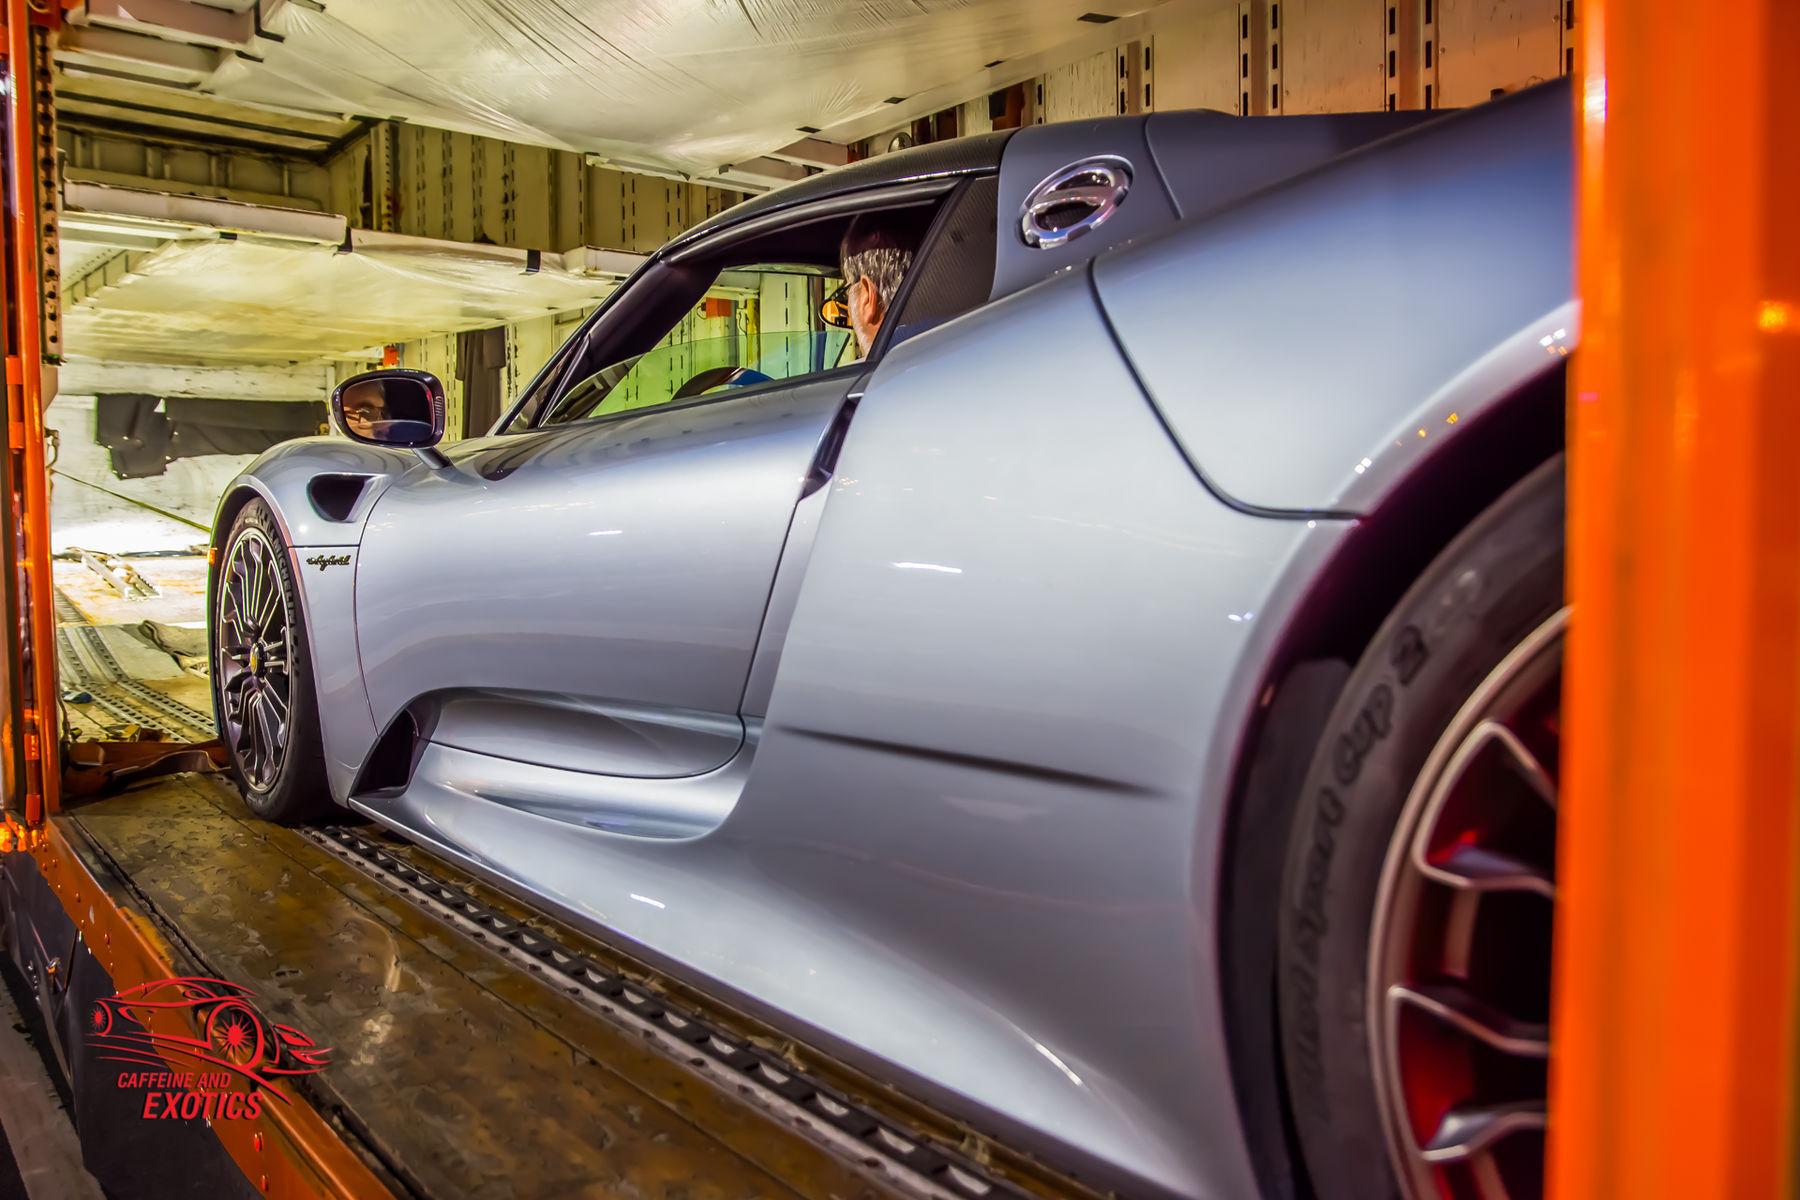 Porsche 918 Spyder | Porsche 918 Spyder In The Truck